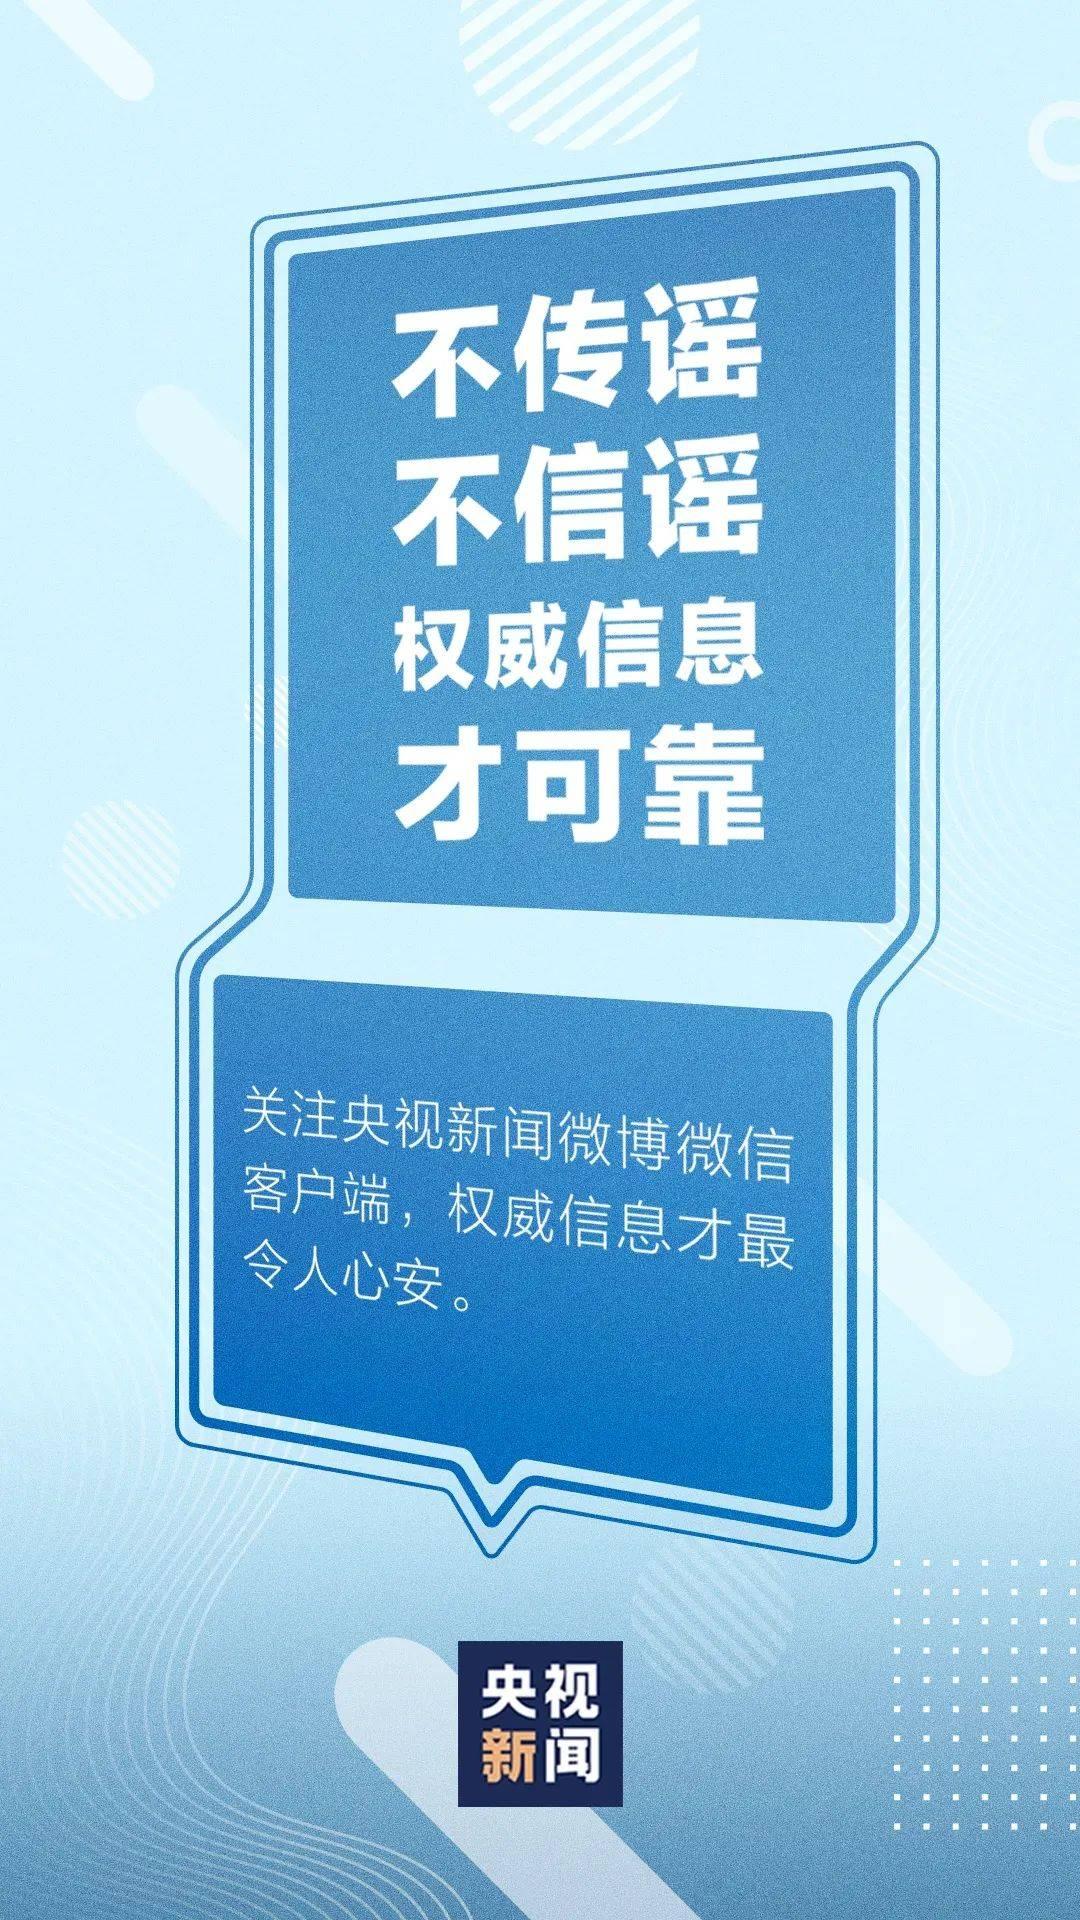 1月7日深圳无新增病例